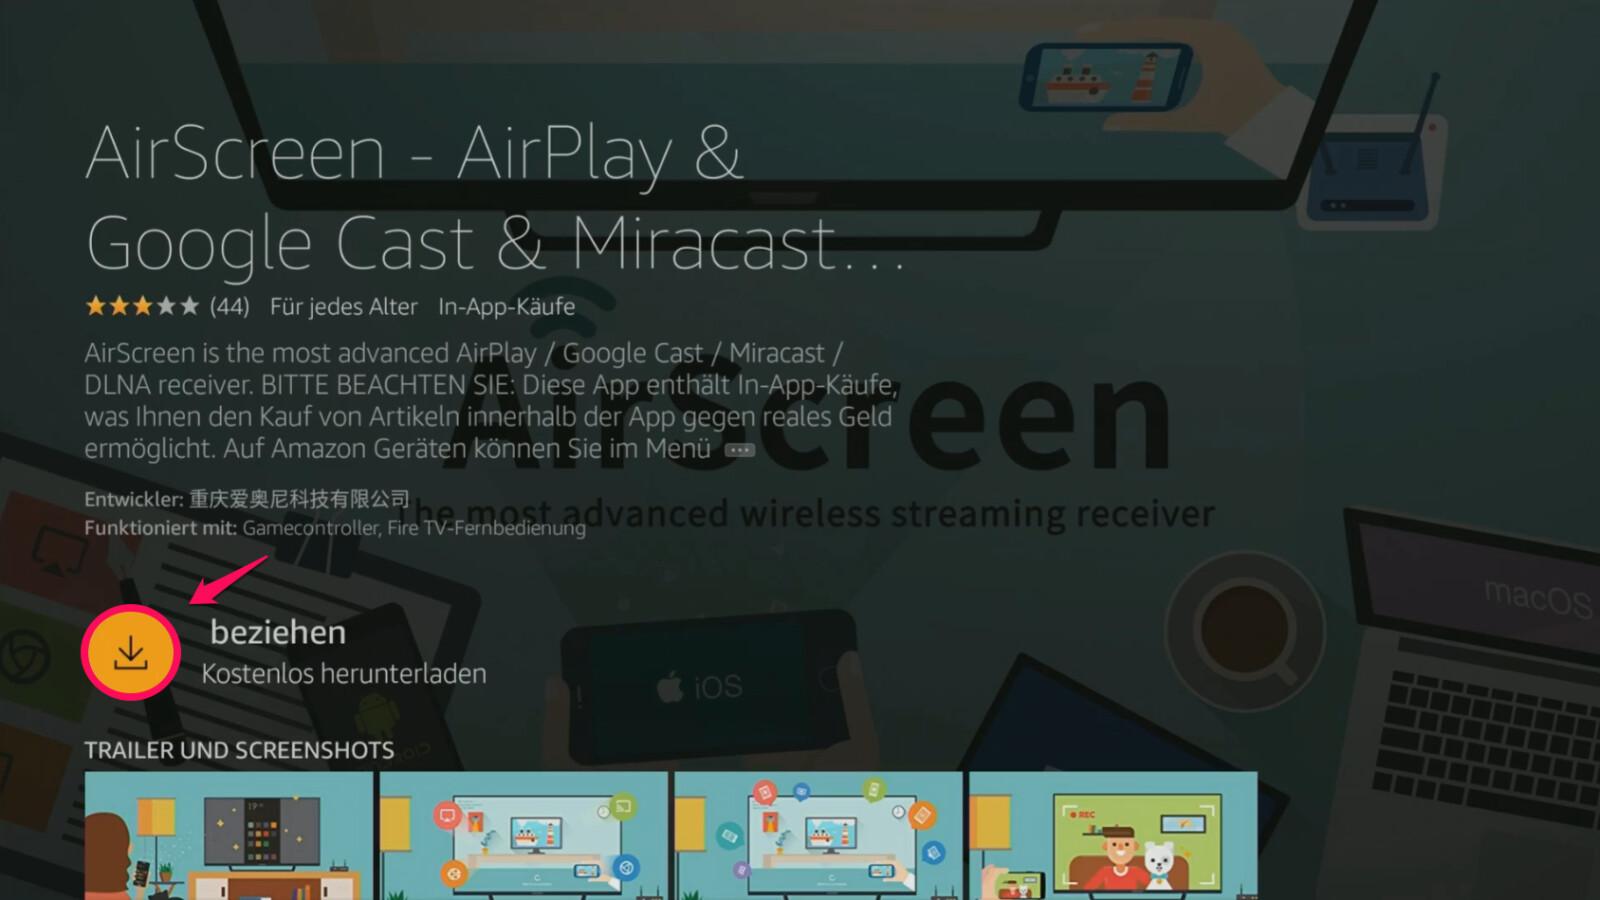 Amazon Fire TV Stick: So sendet ihr Inhalte via AirPlay an den